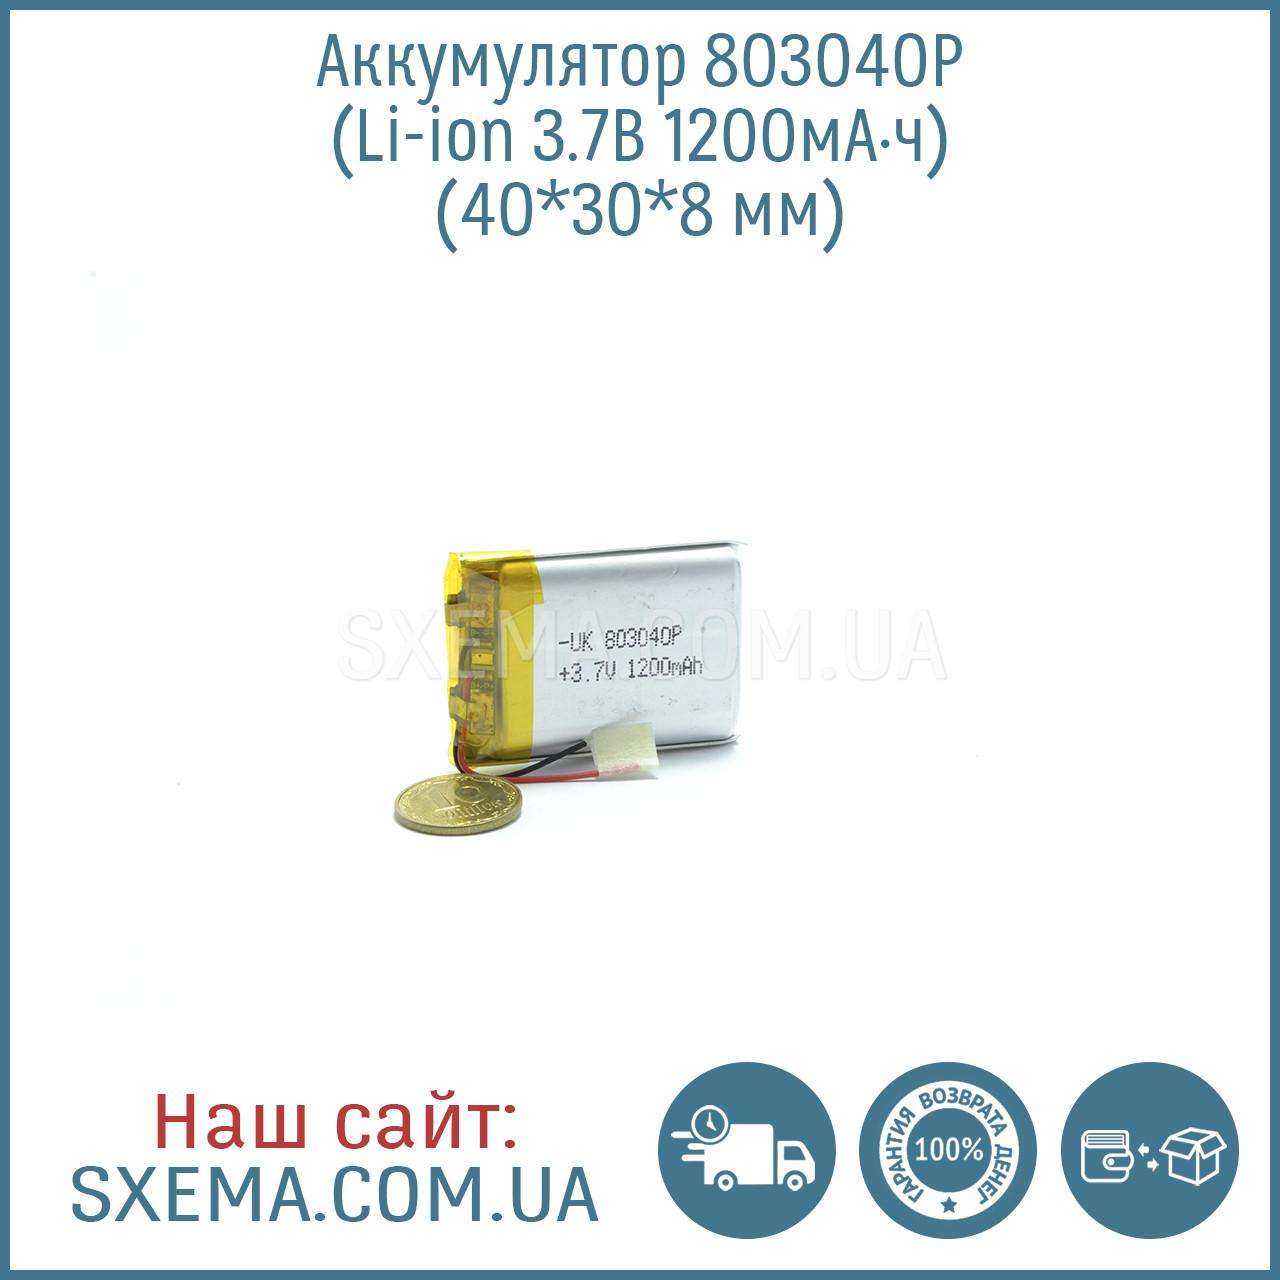 Акумулятор універсальний 803040 (Li-ion 3.7 В 1200мА·год), (40*30*8 мм)